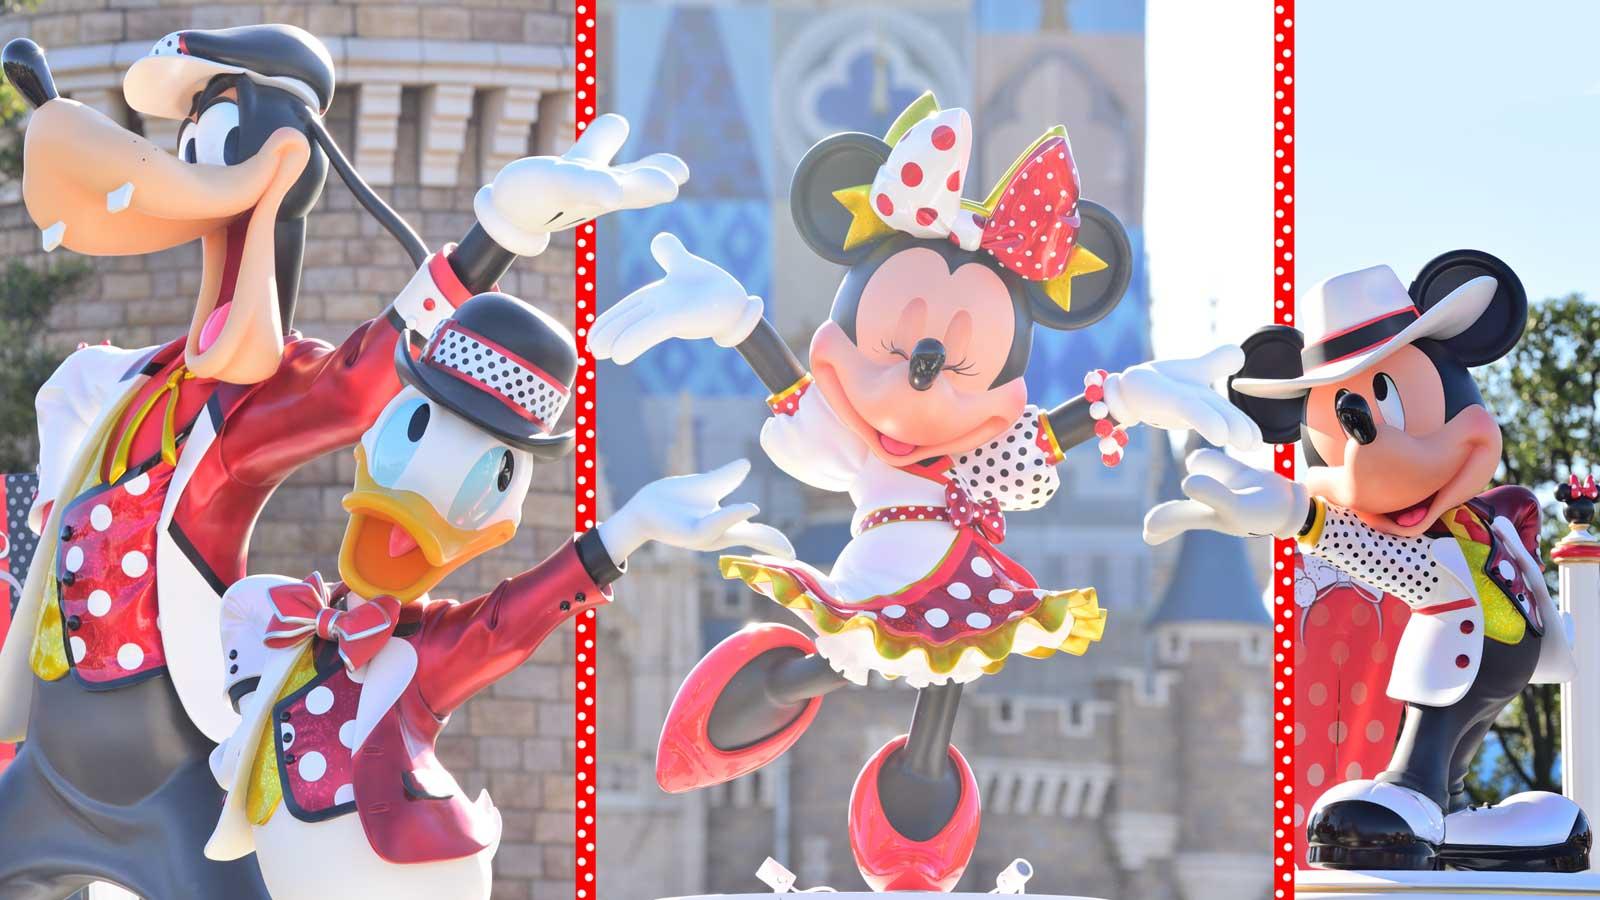 過去のショーパレが復活で ファンにとって激アツの冬に Tdlプログラム ベリー ミニー リミックス 詳細発表 Disney Colors Blog